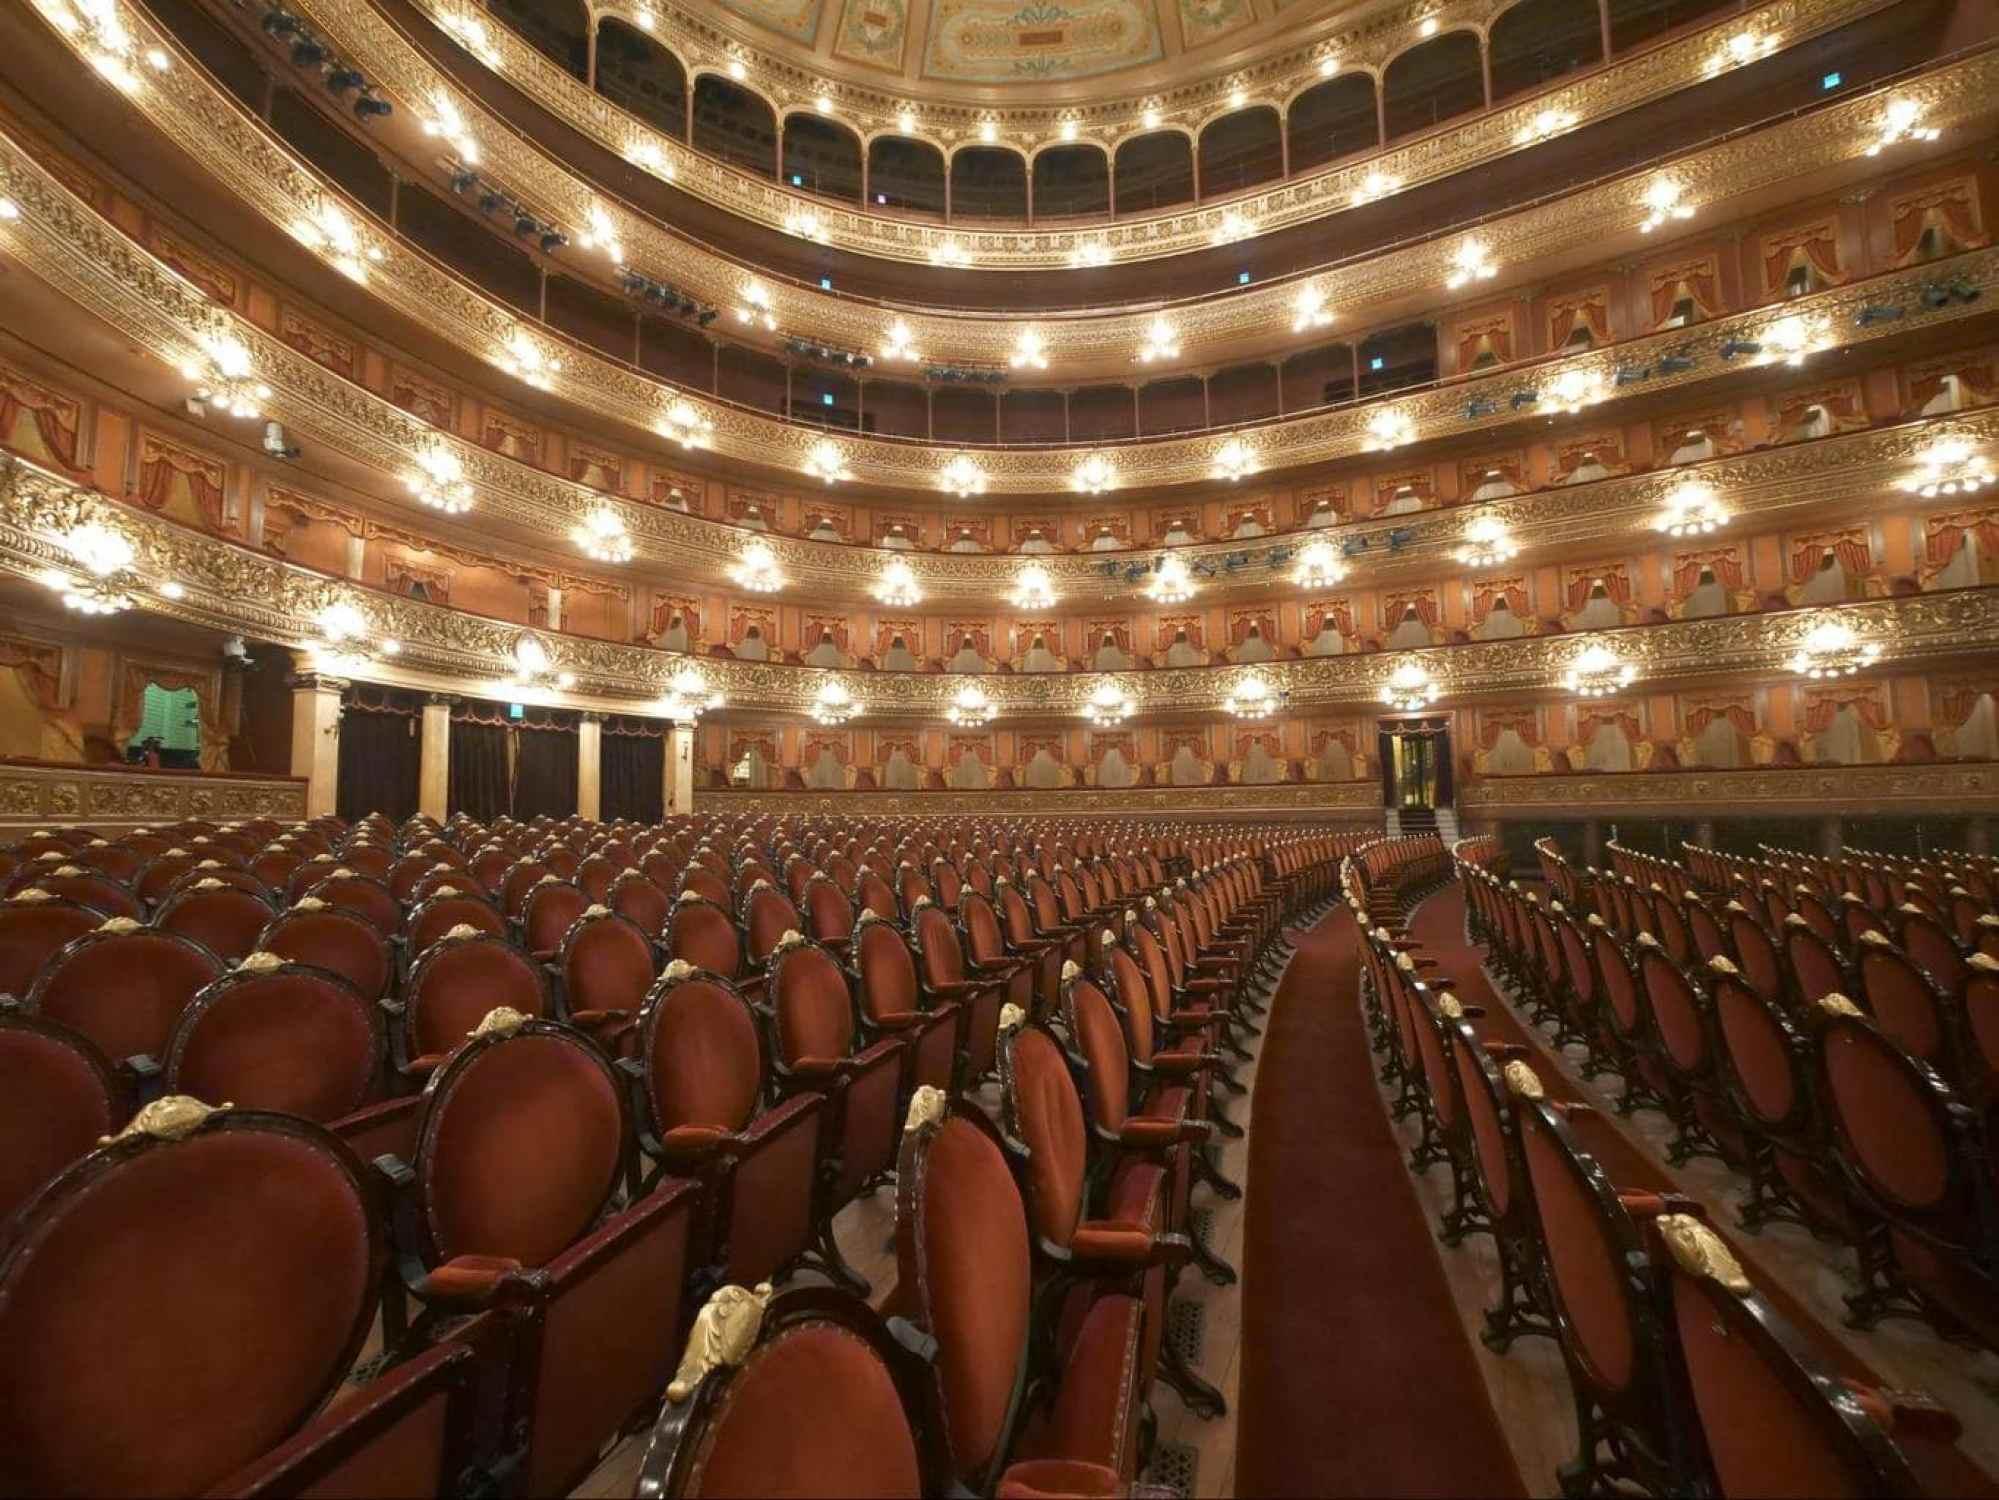 Teatro Colon interior